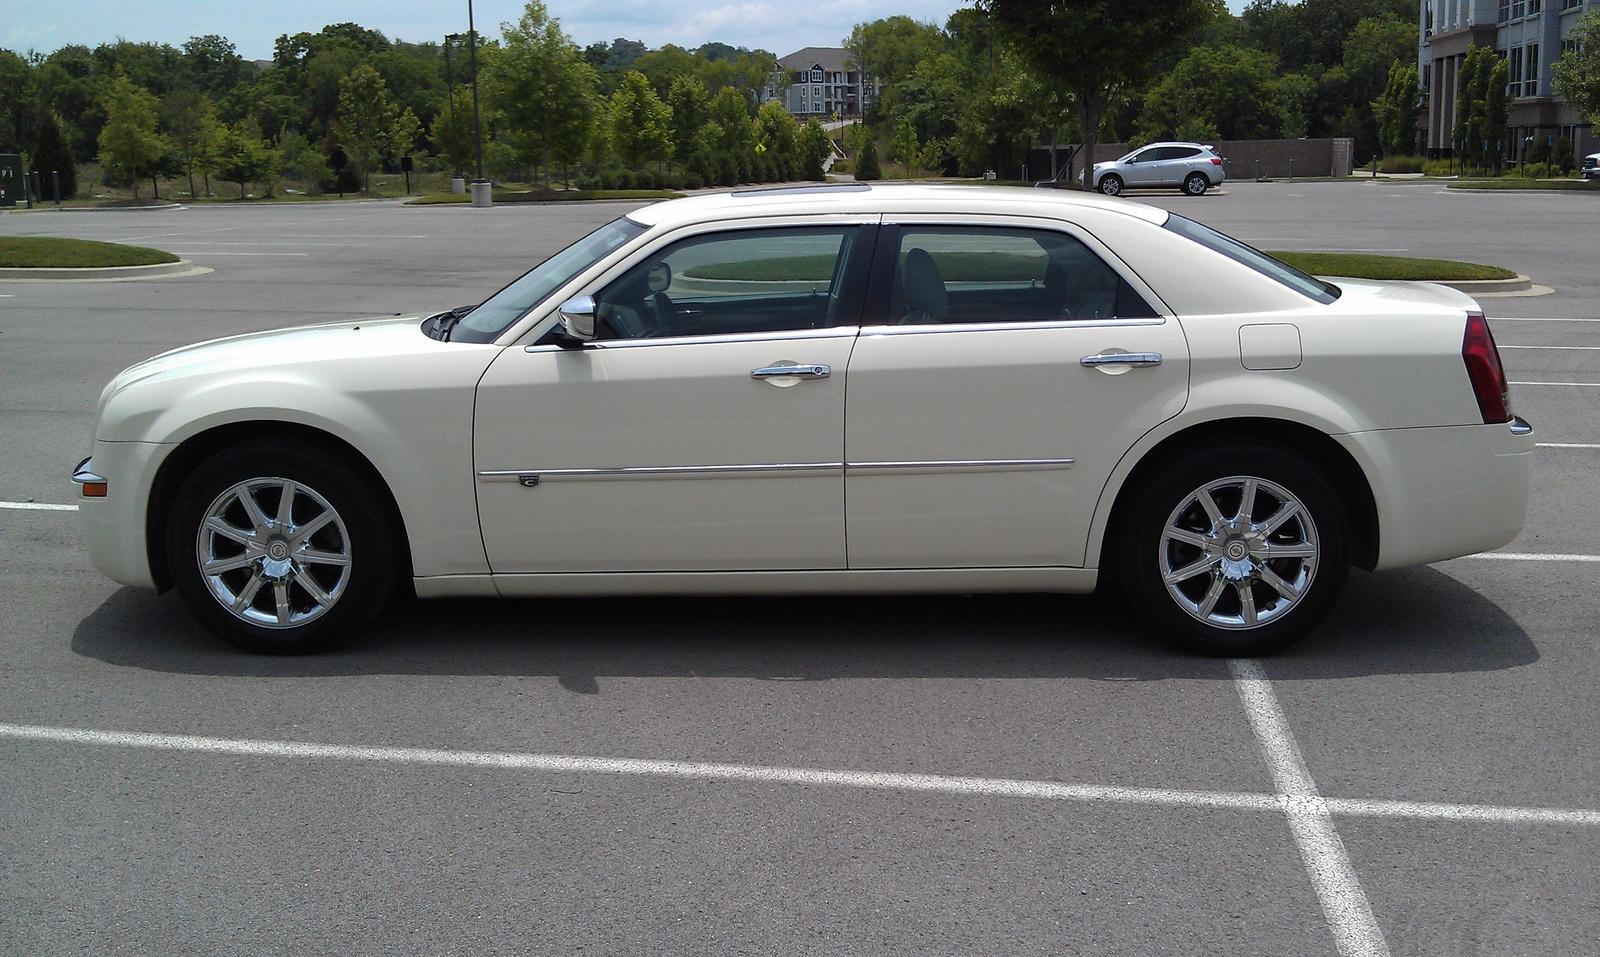 2008 Chrysler 300 Exterior Pictures Cargurus